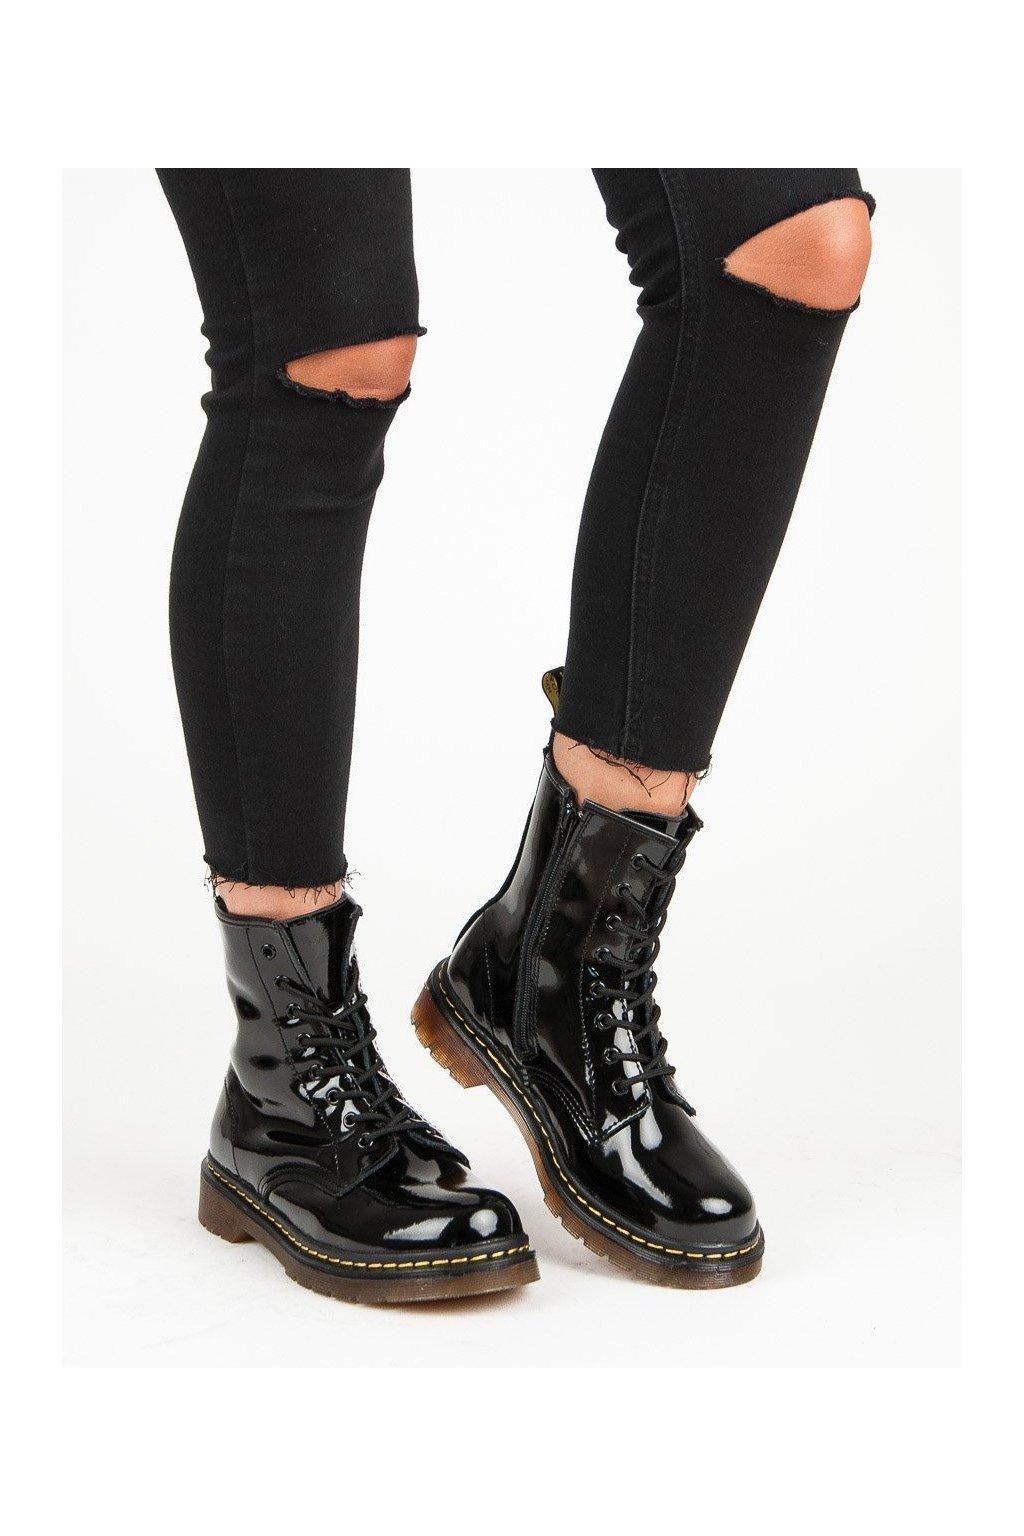 Čierne dámske topánky Mckey kod GL430/18B